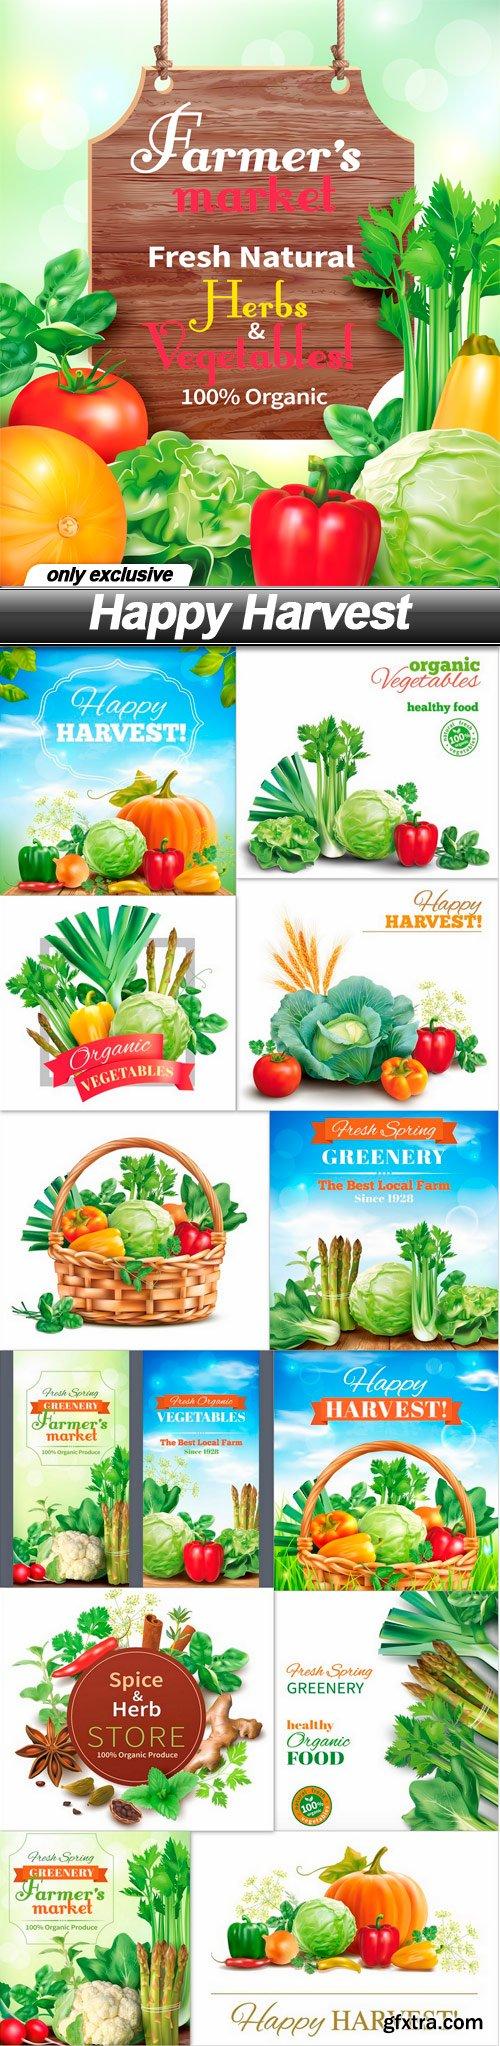 Happy Harvest - 13 EPS